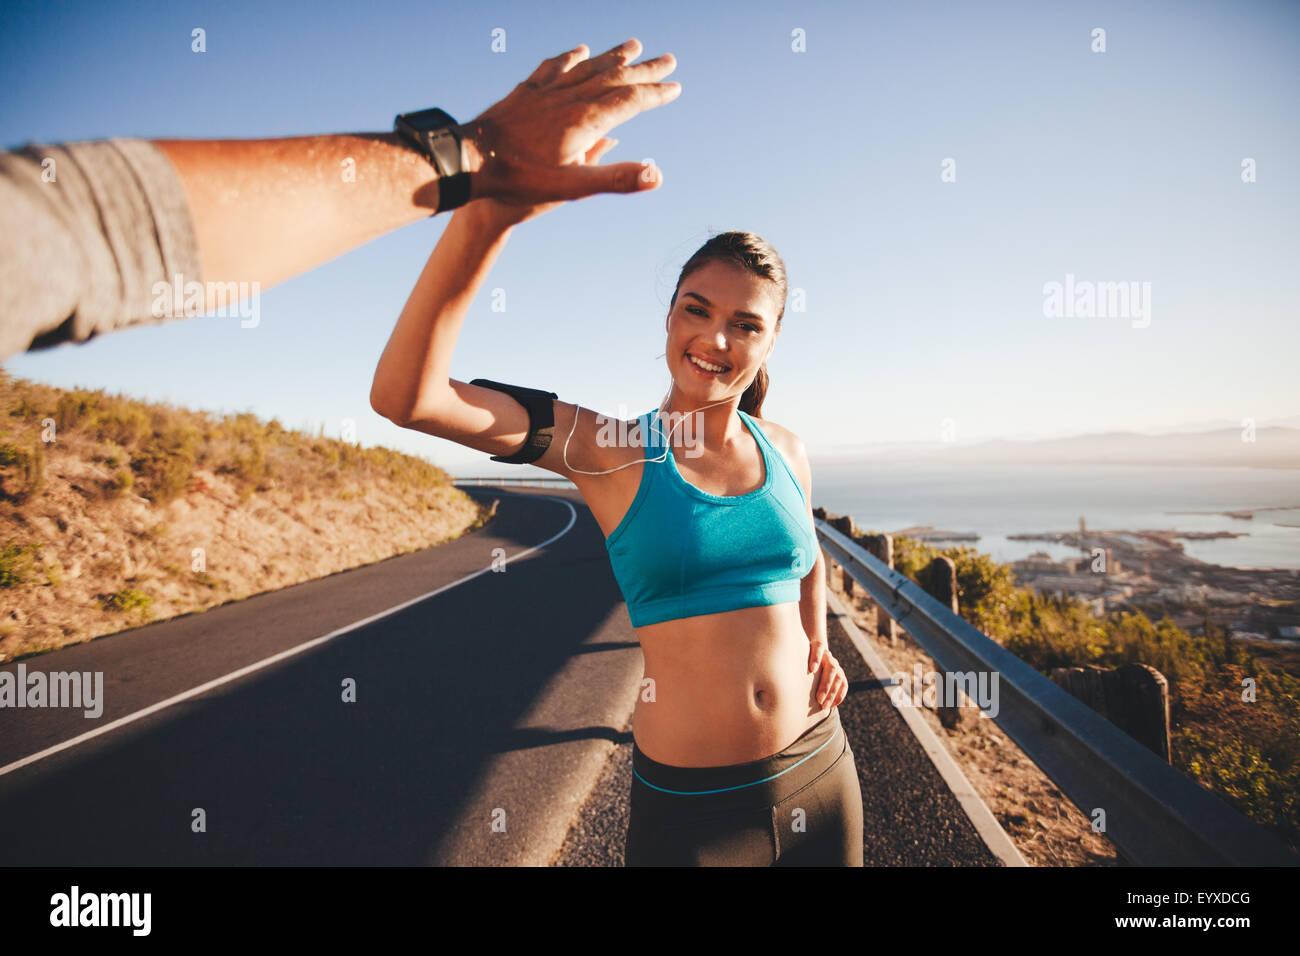 Colocar joven dando alta cinco a su novio después de una carrera. POV shot de par de alta fiving en Country Imagen De Stock